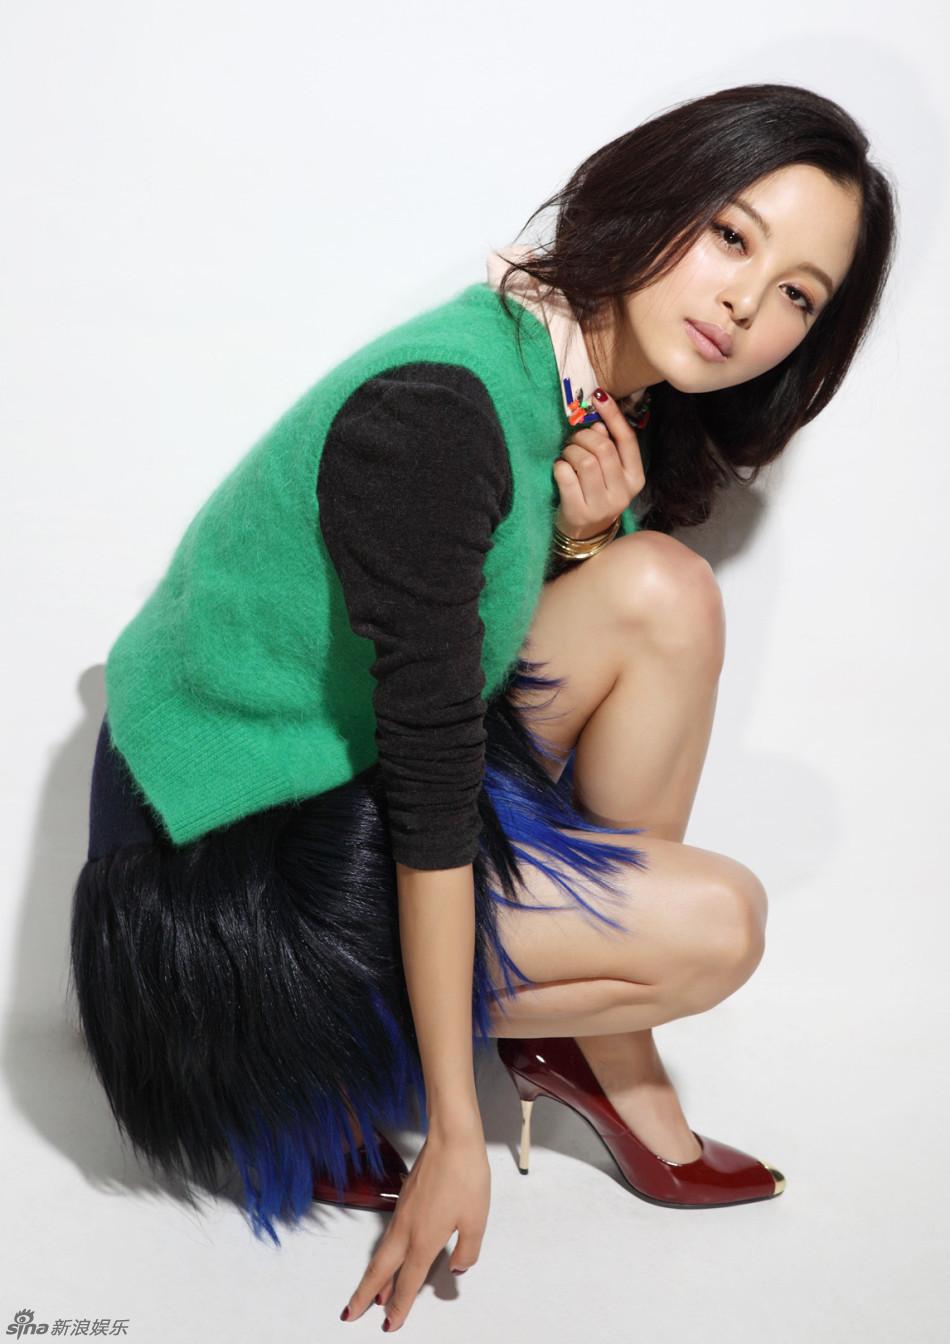 http://www.sinaimg.cn/dy/slidenews/4_img/2013_10/704_906070_795321.jpg